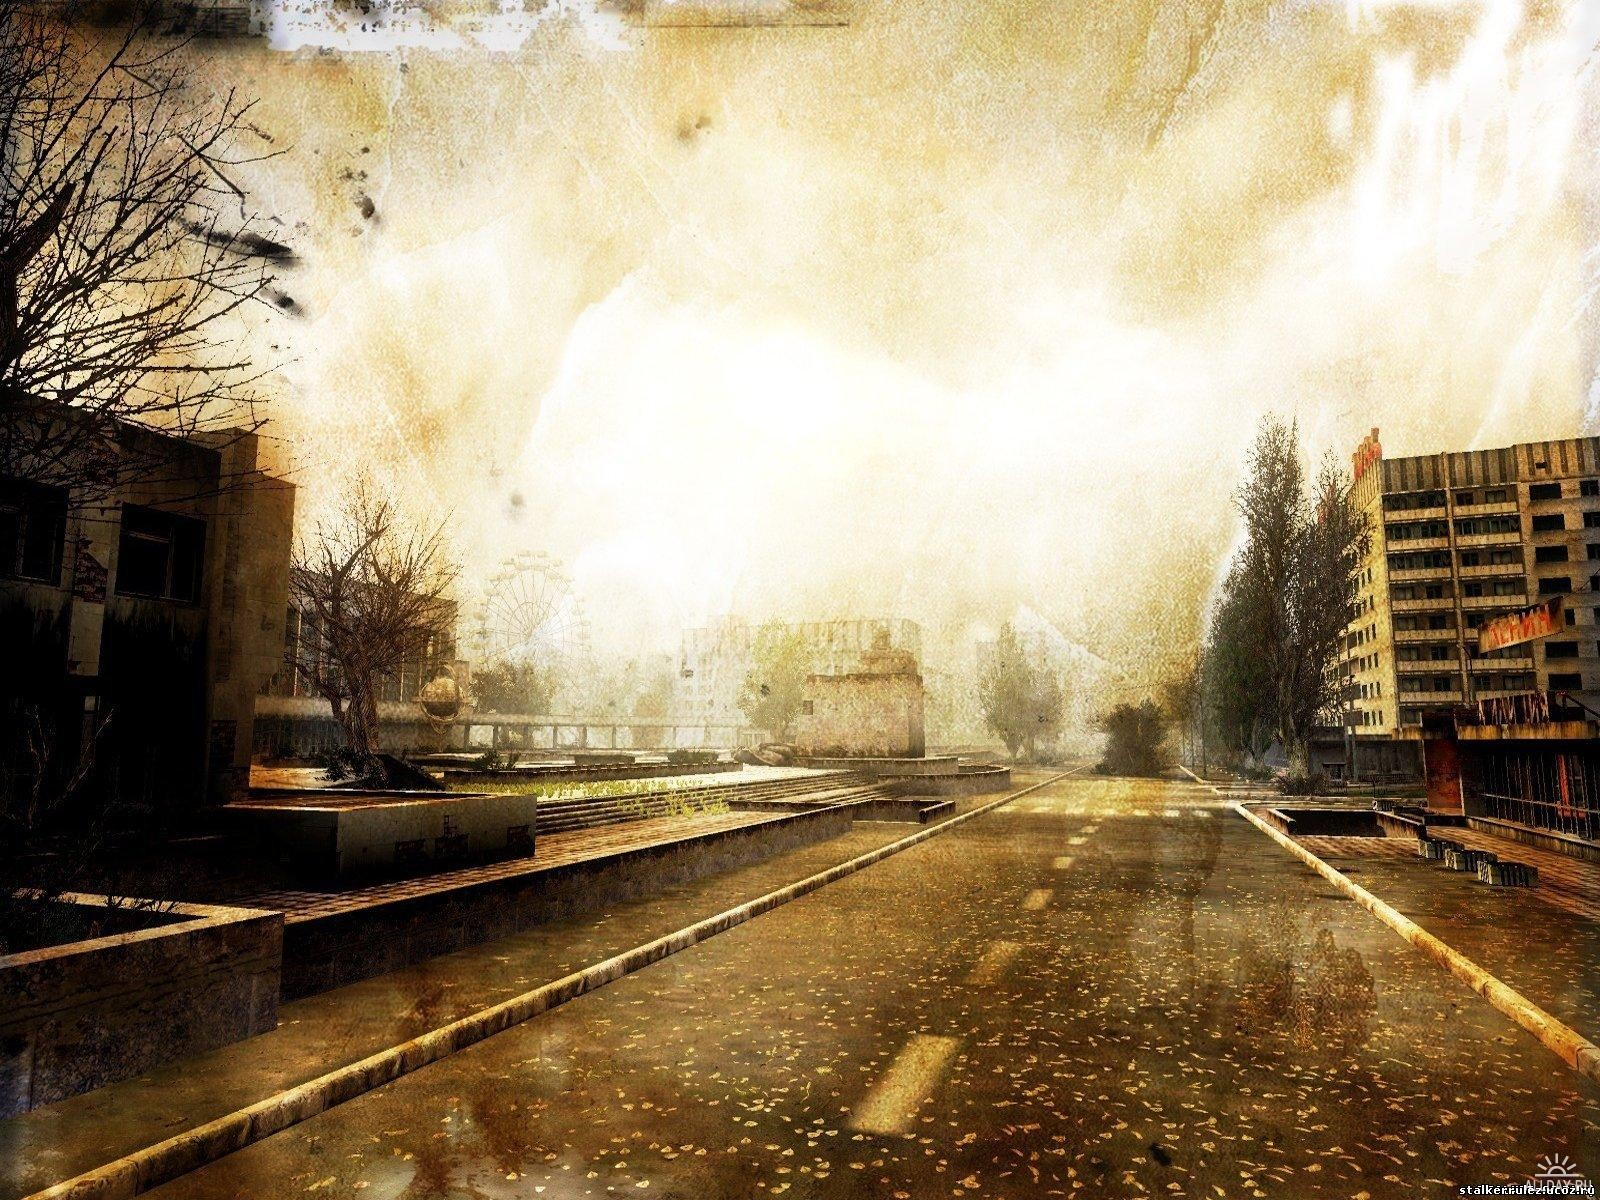 Дорога, припять, Чернобль, фото, скачать бесплатно